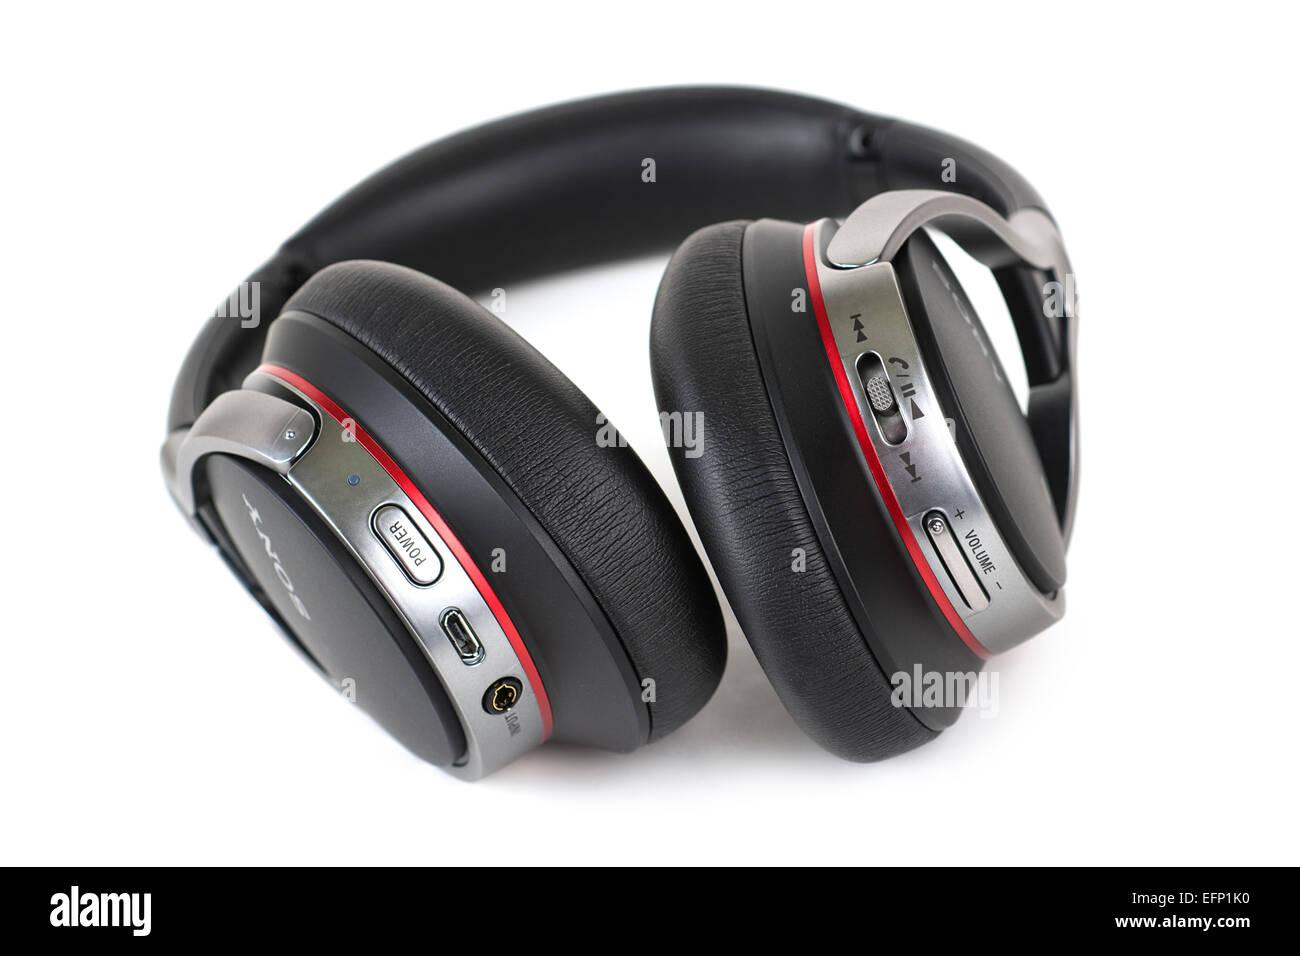 Casque sans fil Bluetooth, le casque avec microphone pour répondre aux appels téléphoniques Photo Stock